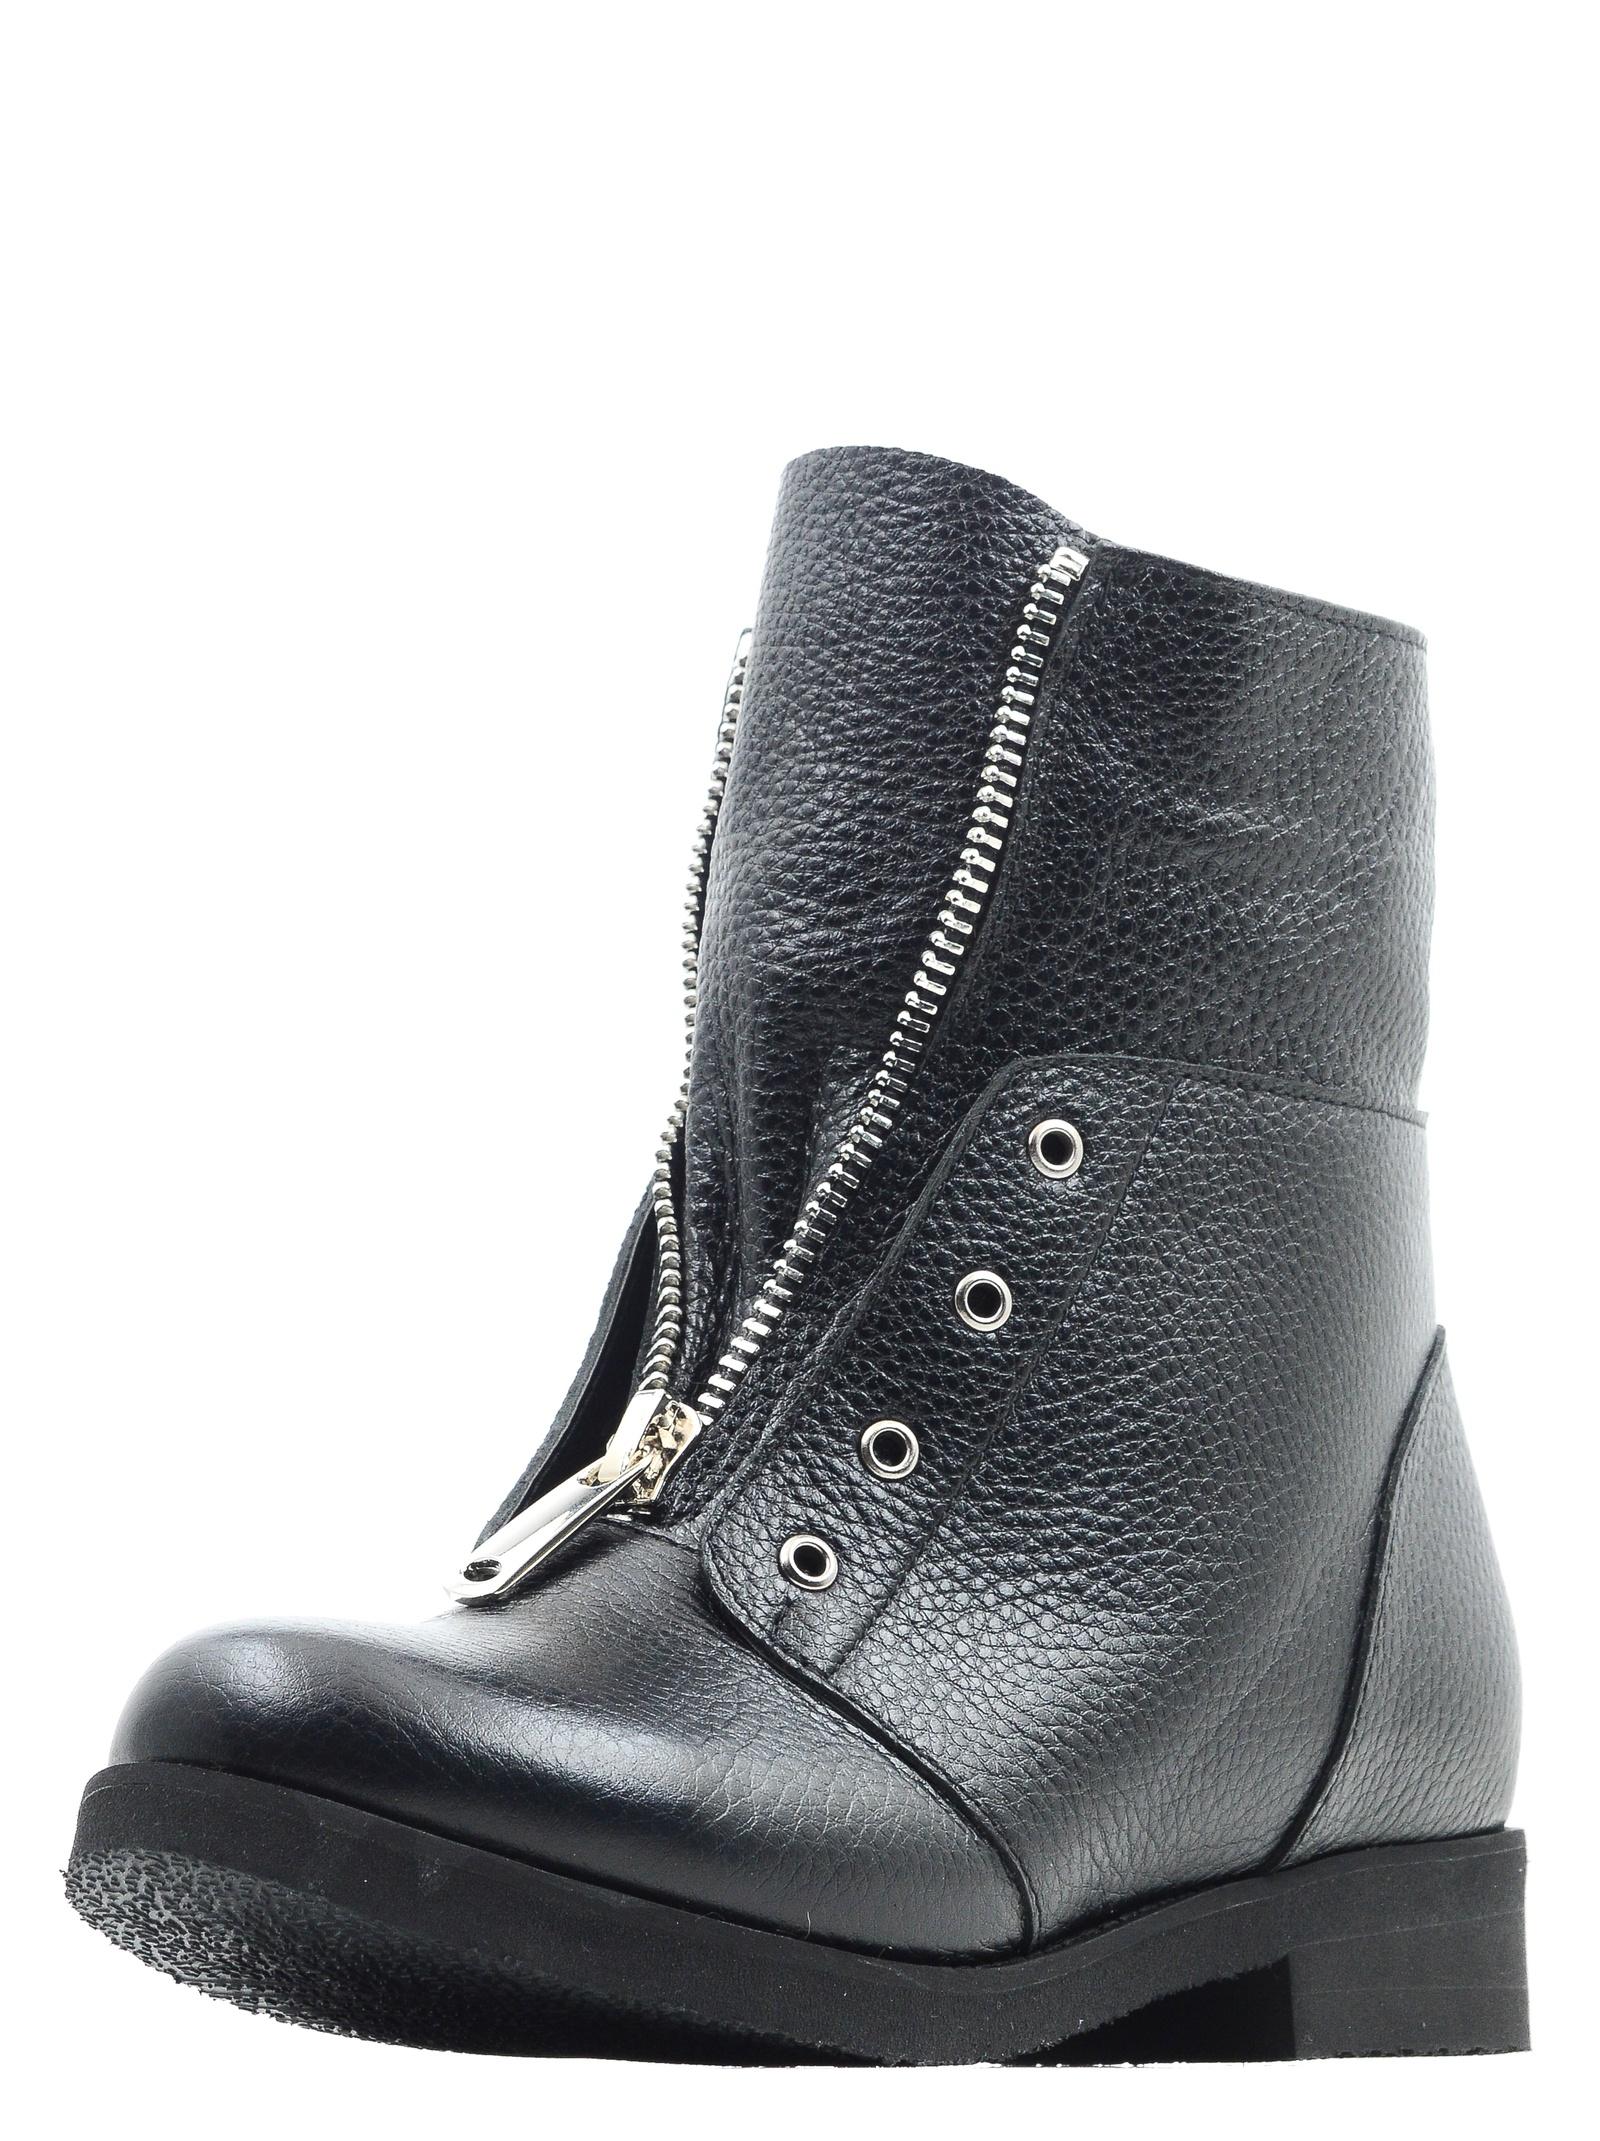 Ботинки ESTELLA ламода ботинки зимние женские